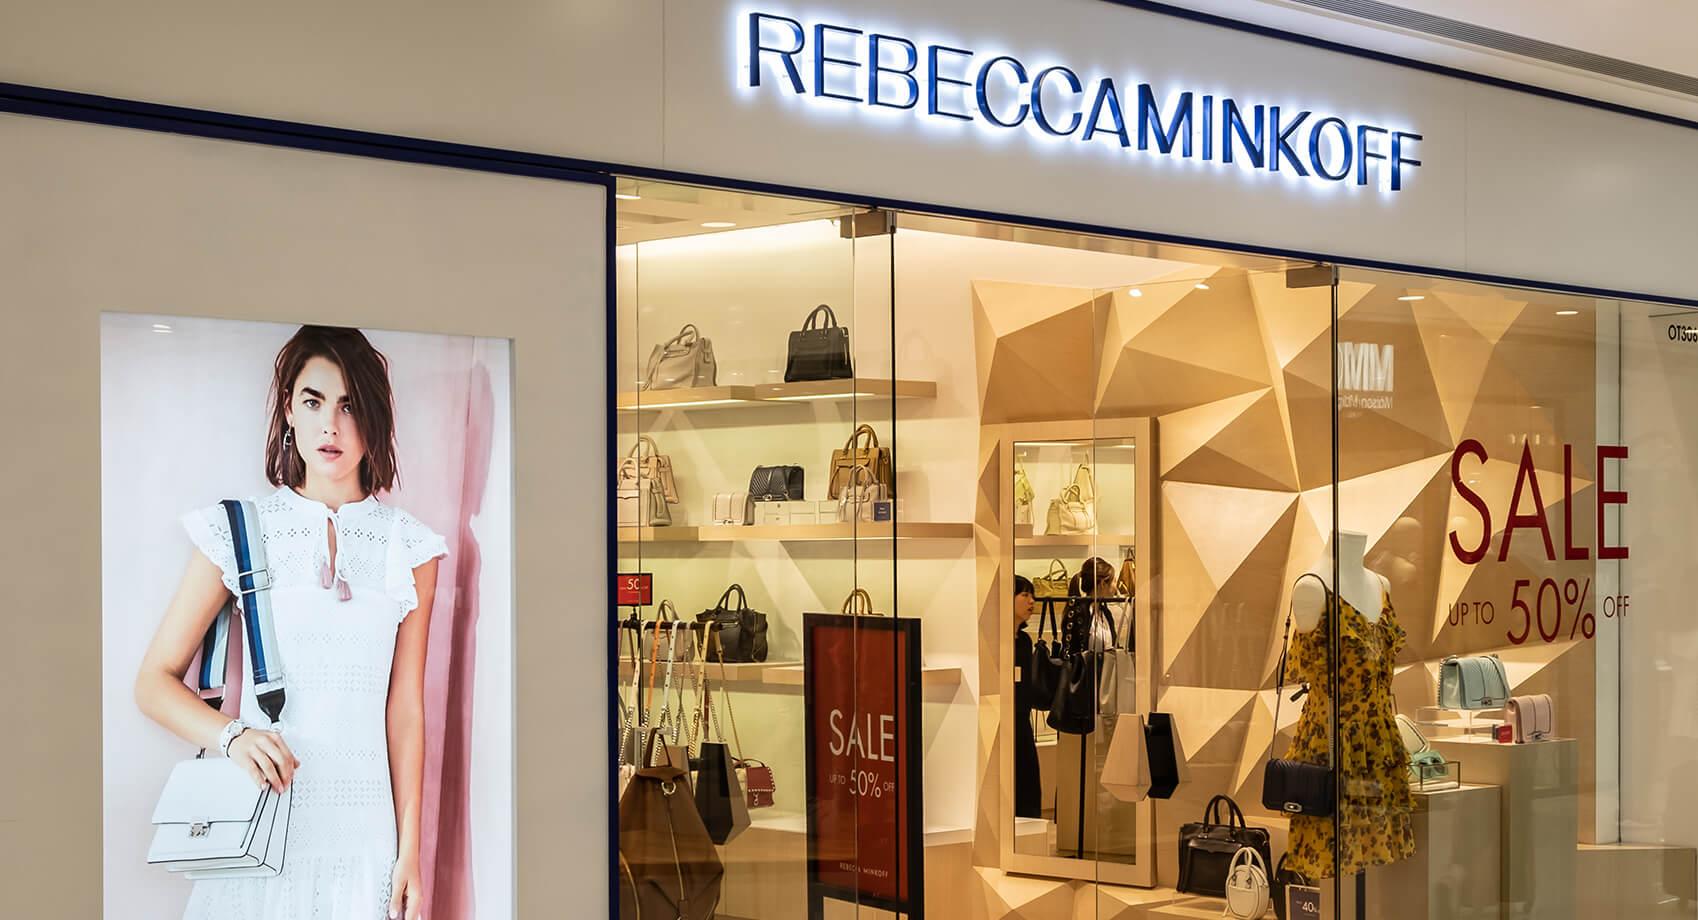 Rebecca Minkoff boutique